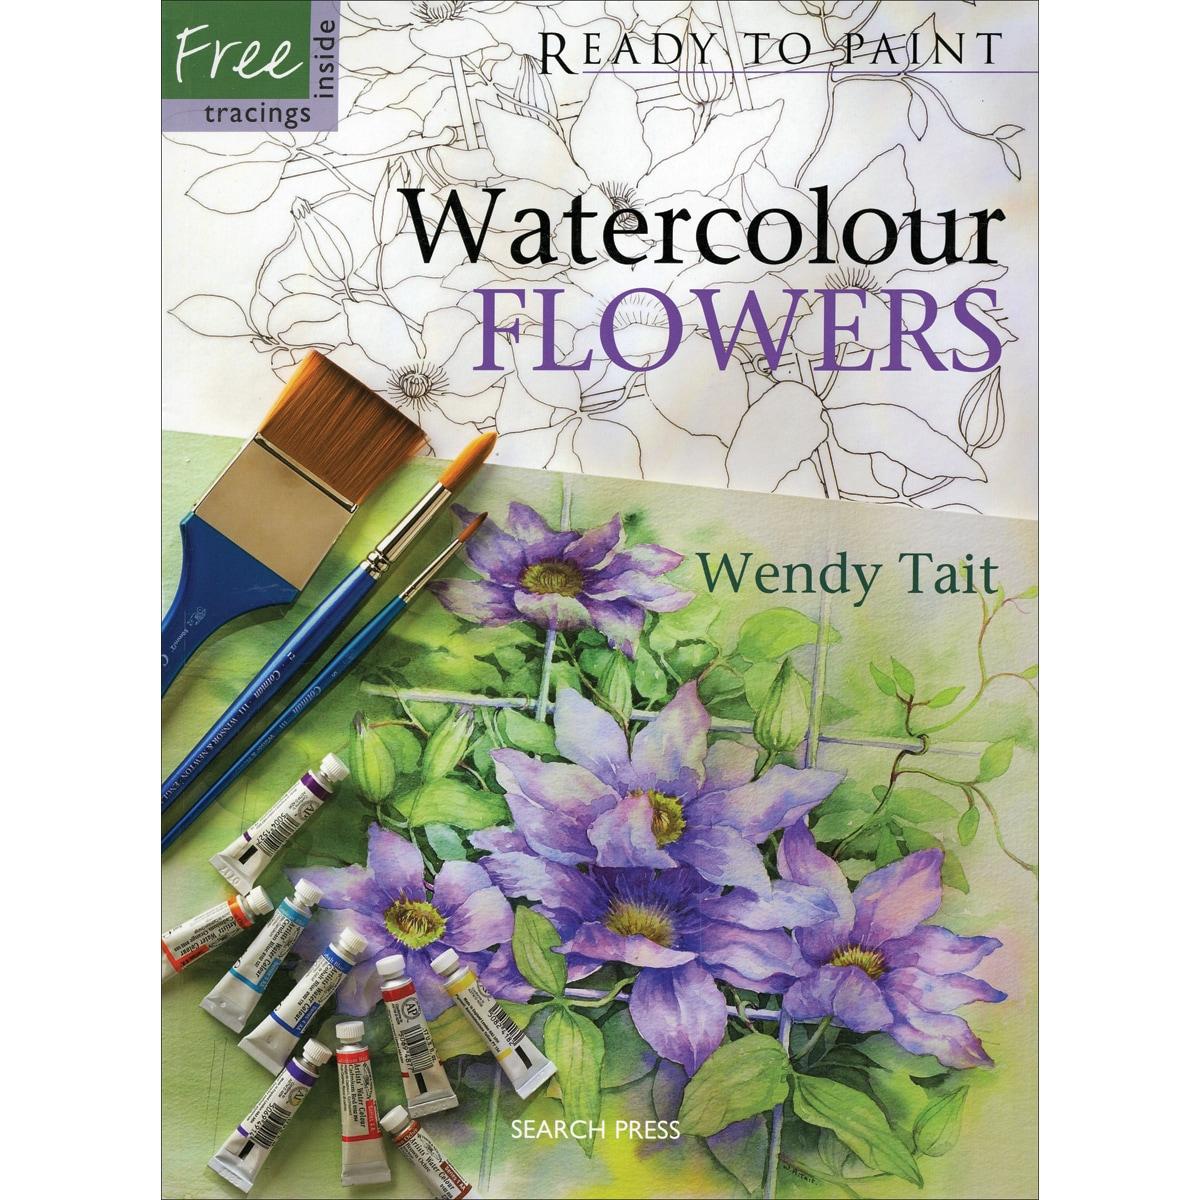 Watercolor books by search press - Search Press Books Watercolor